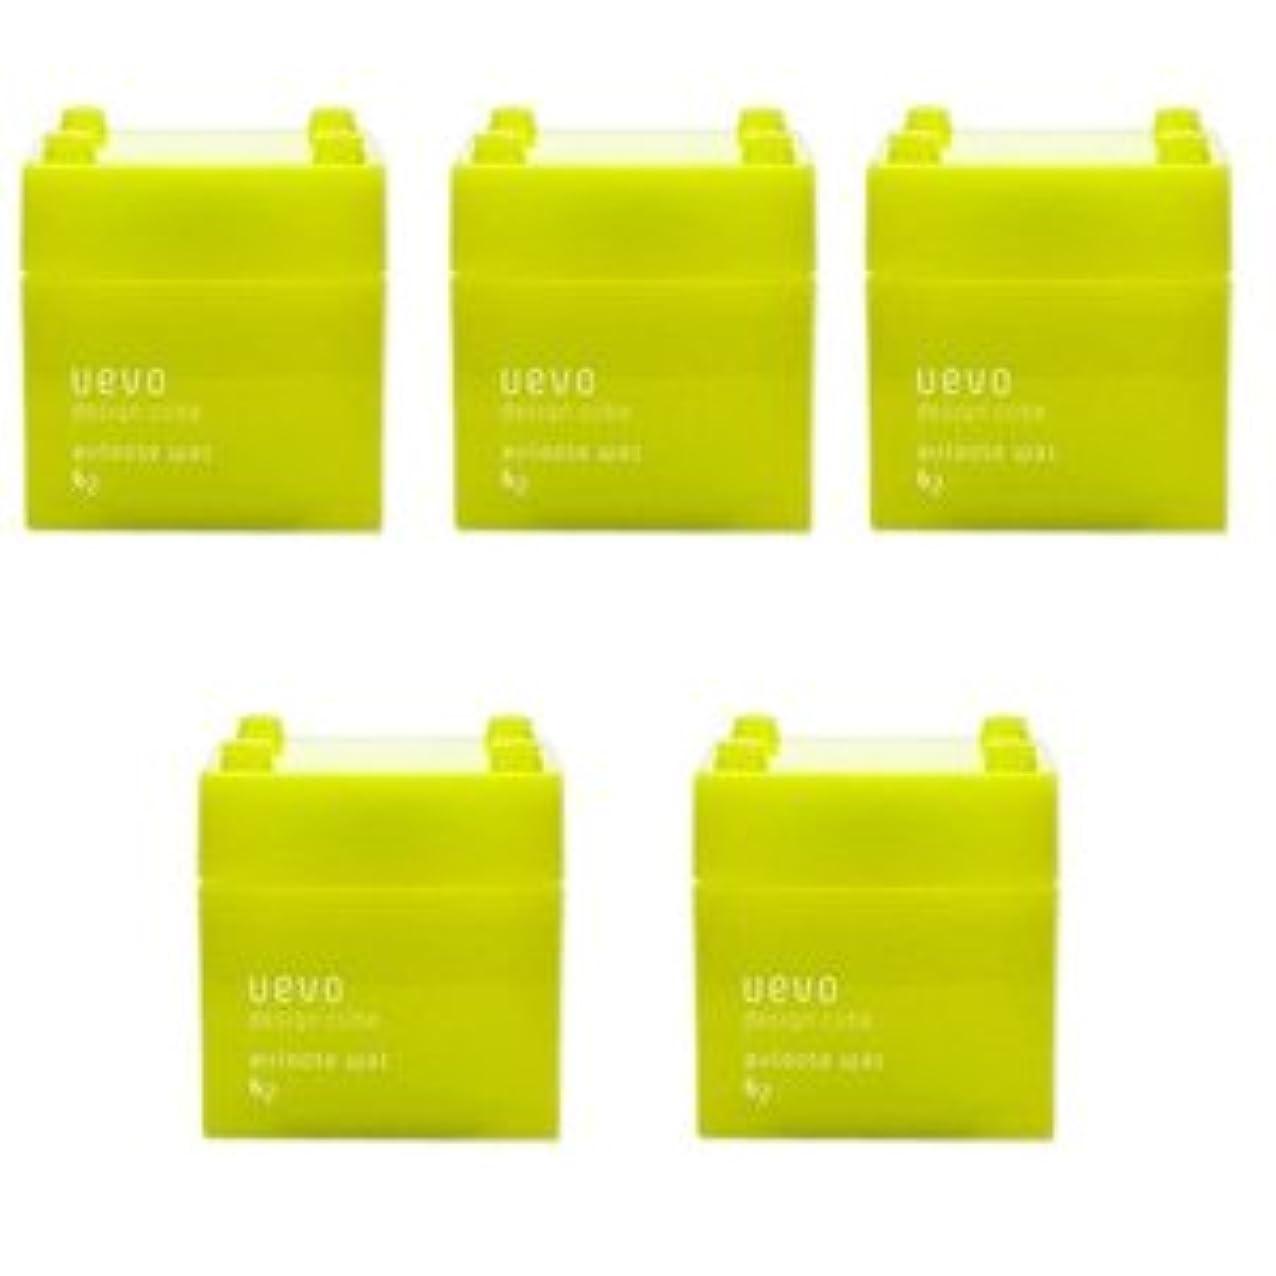 誤解飢え証書【X5個セット】 デミ ウェーボ デザインキューブ エアルーズワックス 80g airloose wax DEMI uevo design cube